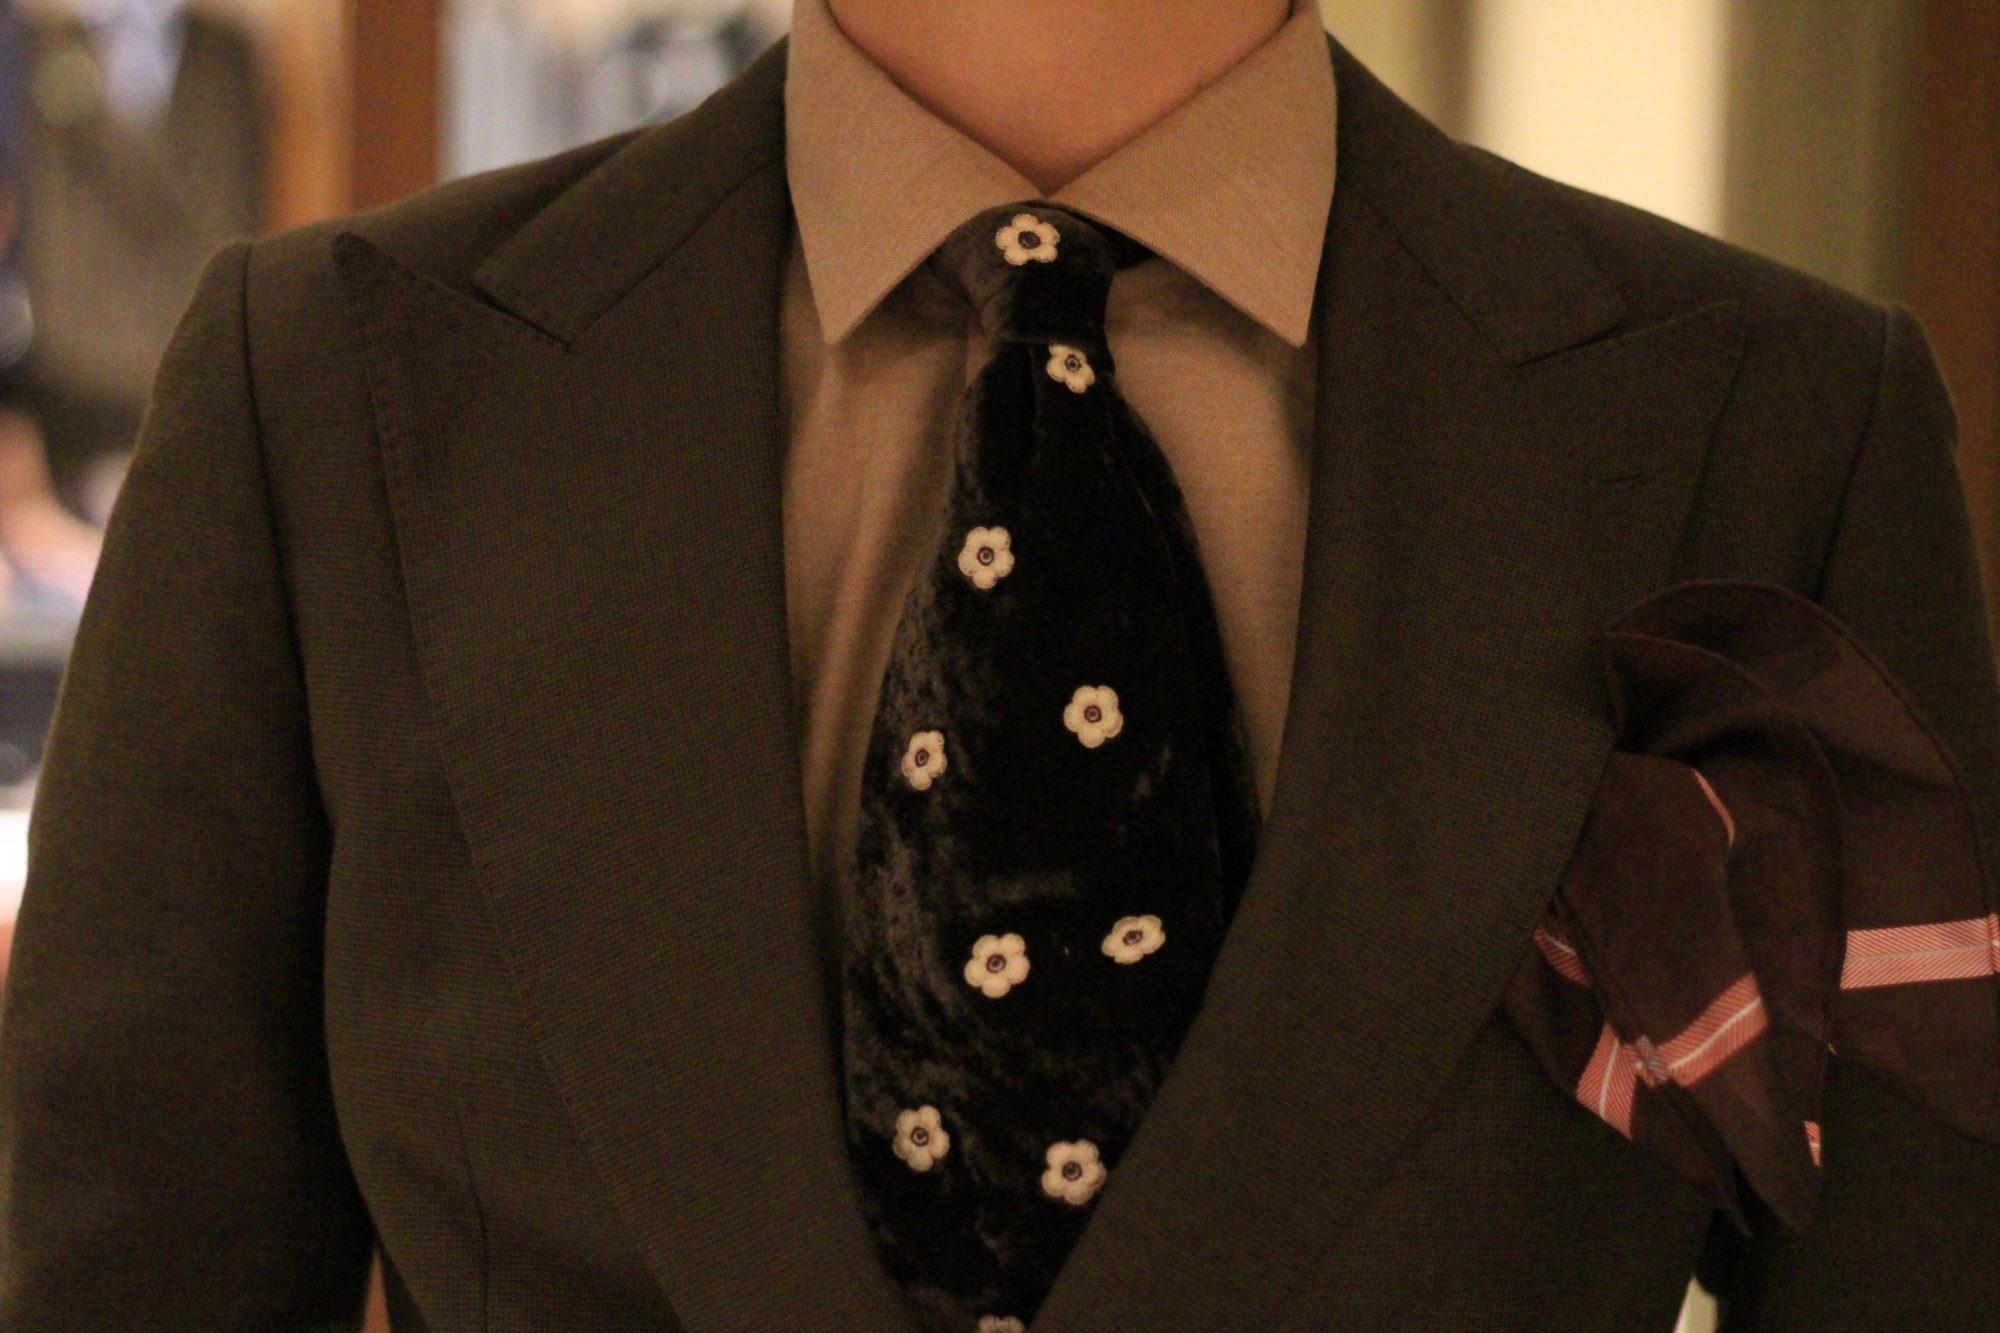 秋冬の新郎のオシャレコーディネート。新郎お色直しタキシードにPITTI(ピッティ)メンズトレンドを加えた結婚式の新郎衣裳